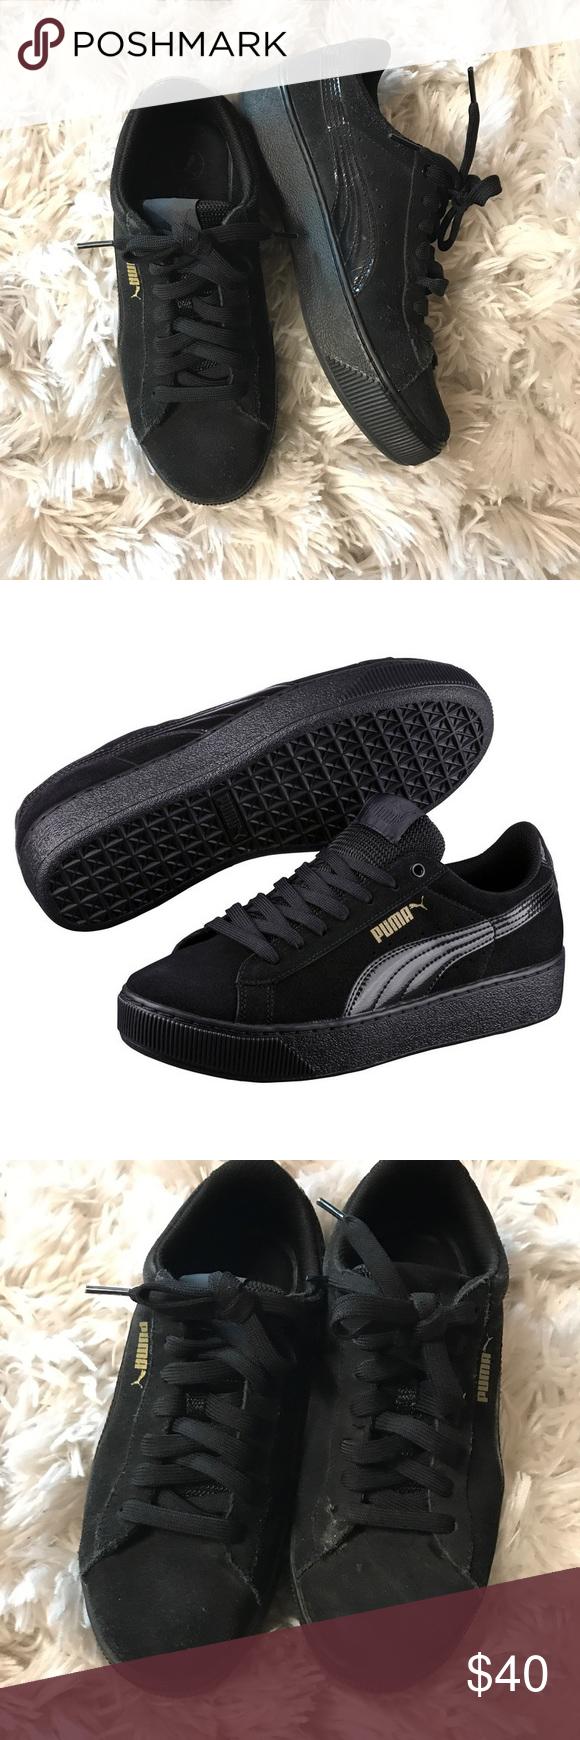 Black Vicky Vicky Sneakers Puma Puma Black Platform Puma Sneakers Vicky Black Platform FK35cJl1uT